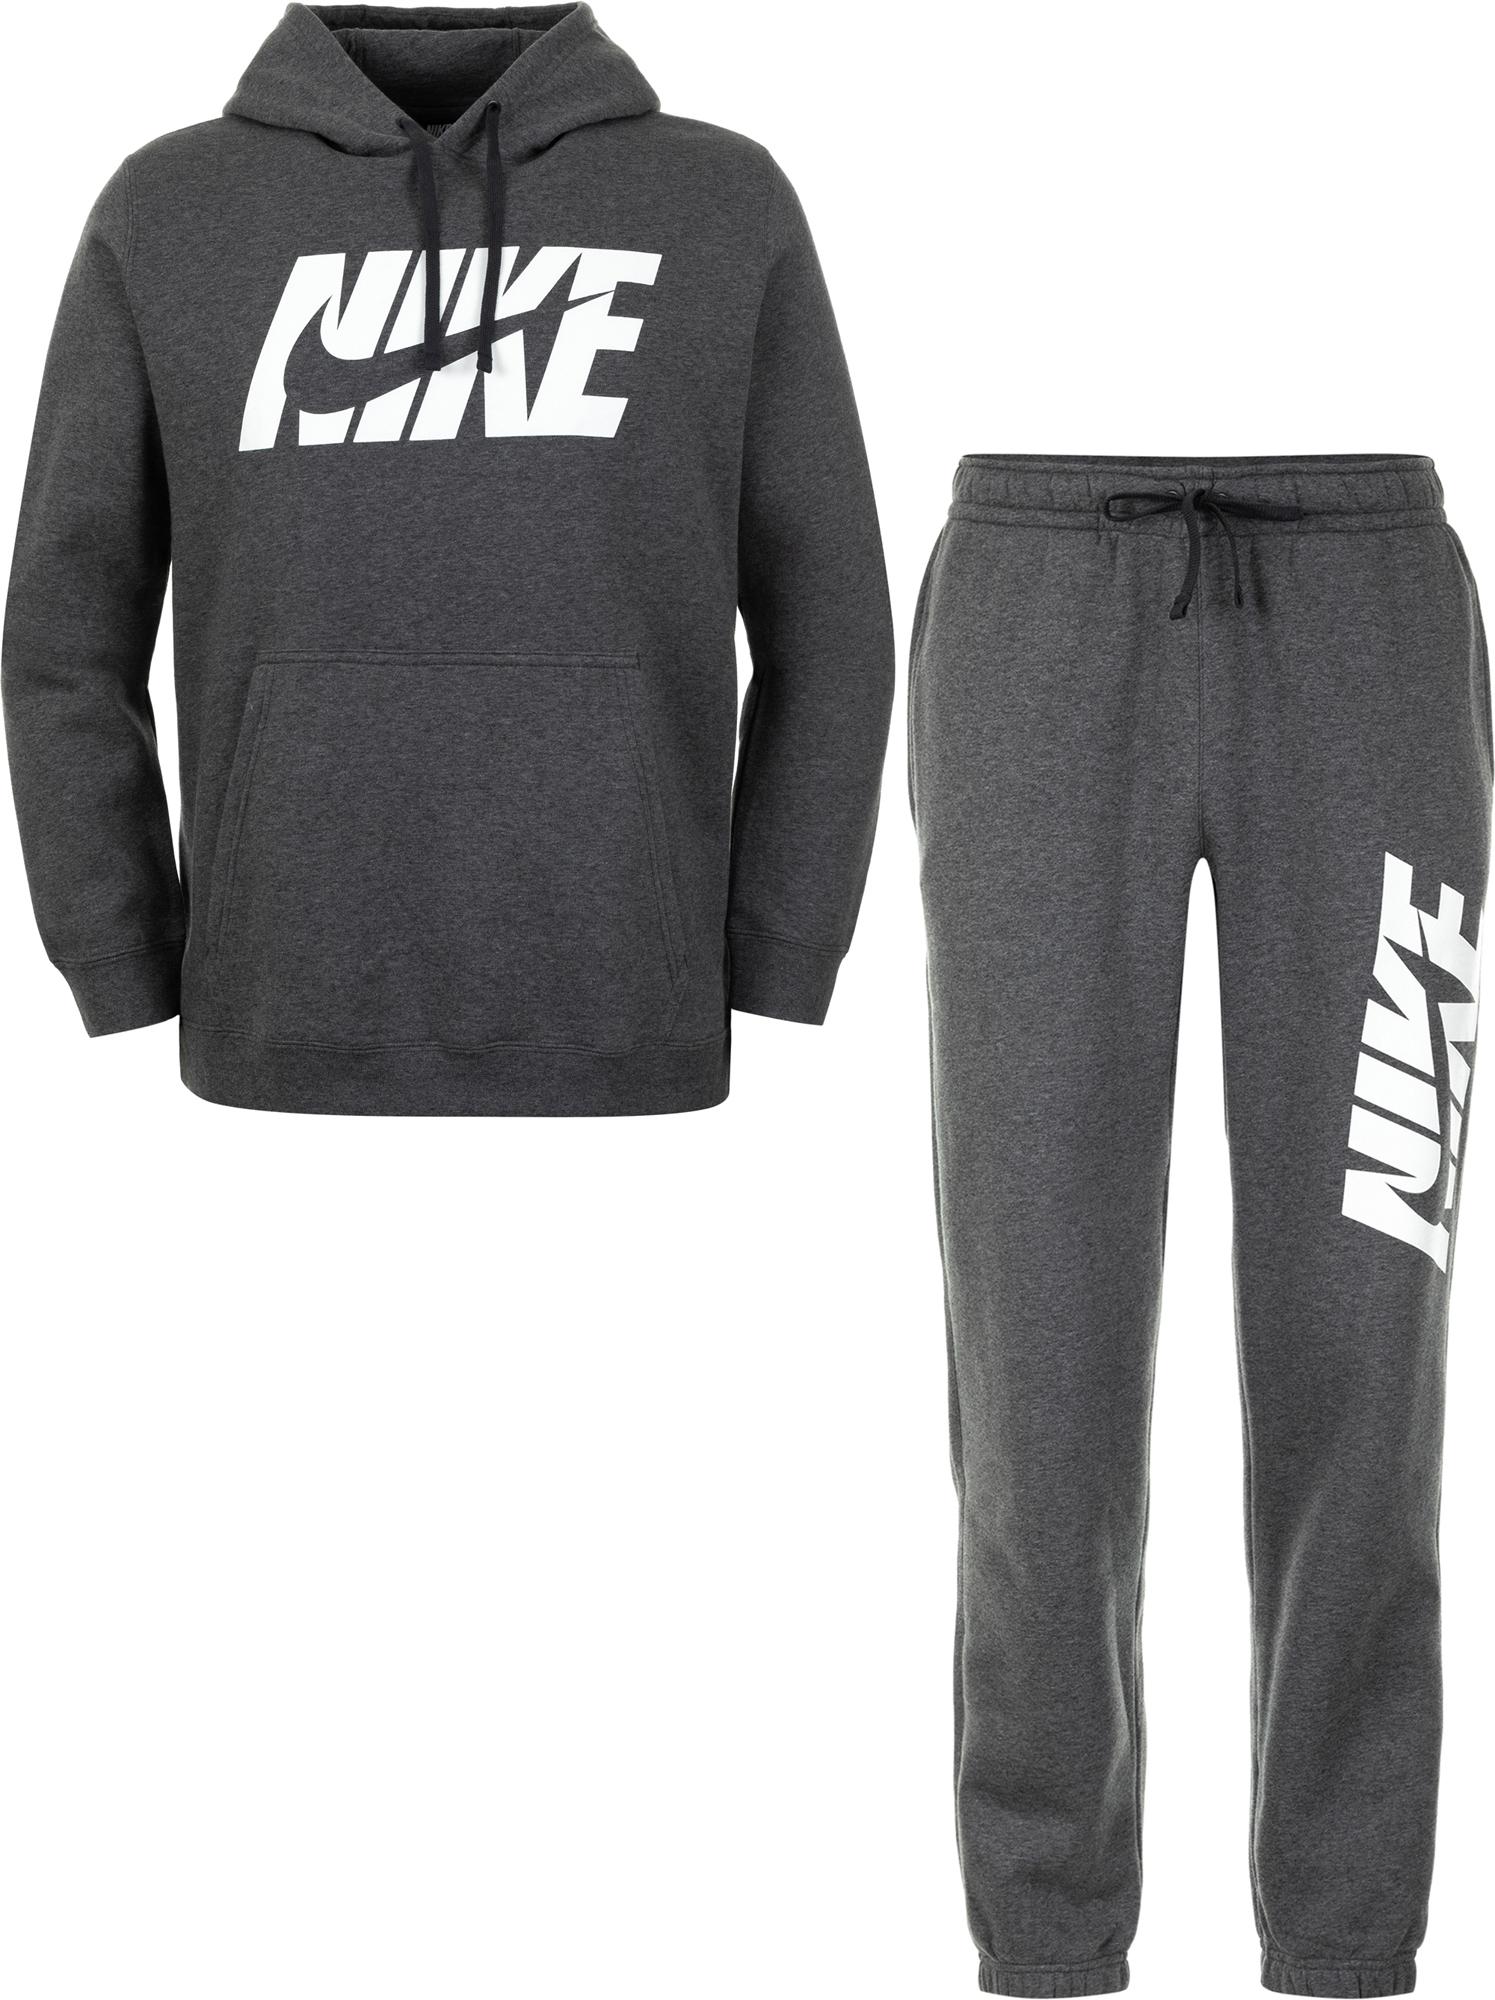 купить Nike Костюм спортивный мужской Nike Sportswear, размер 52-54 недорого